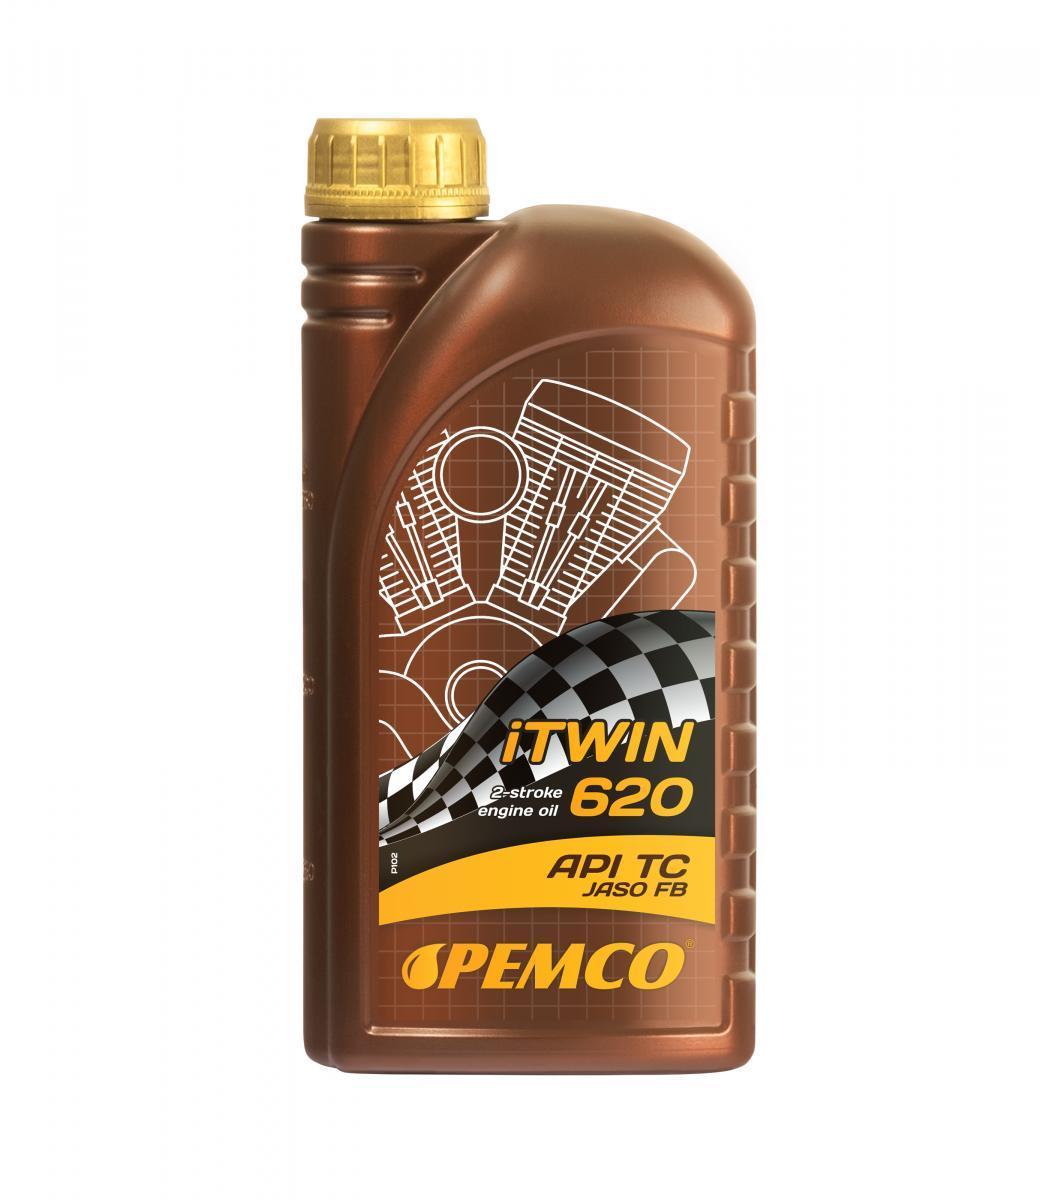 Motorolja PM0620-1 till rabatterat pris — köp nu!